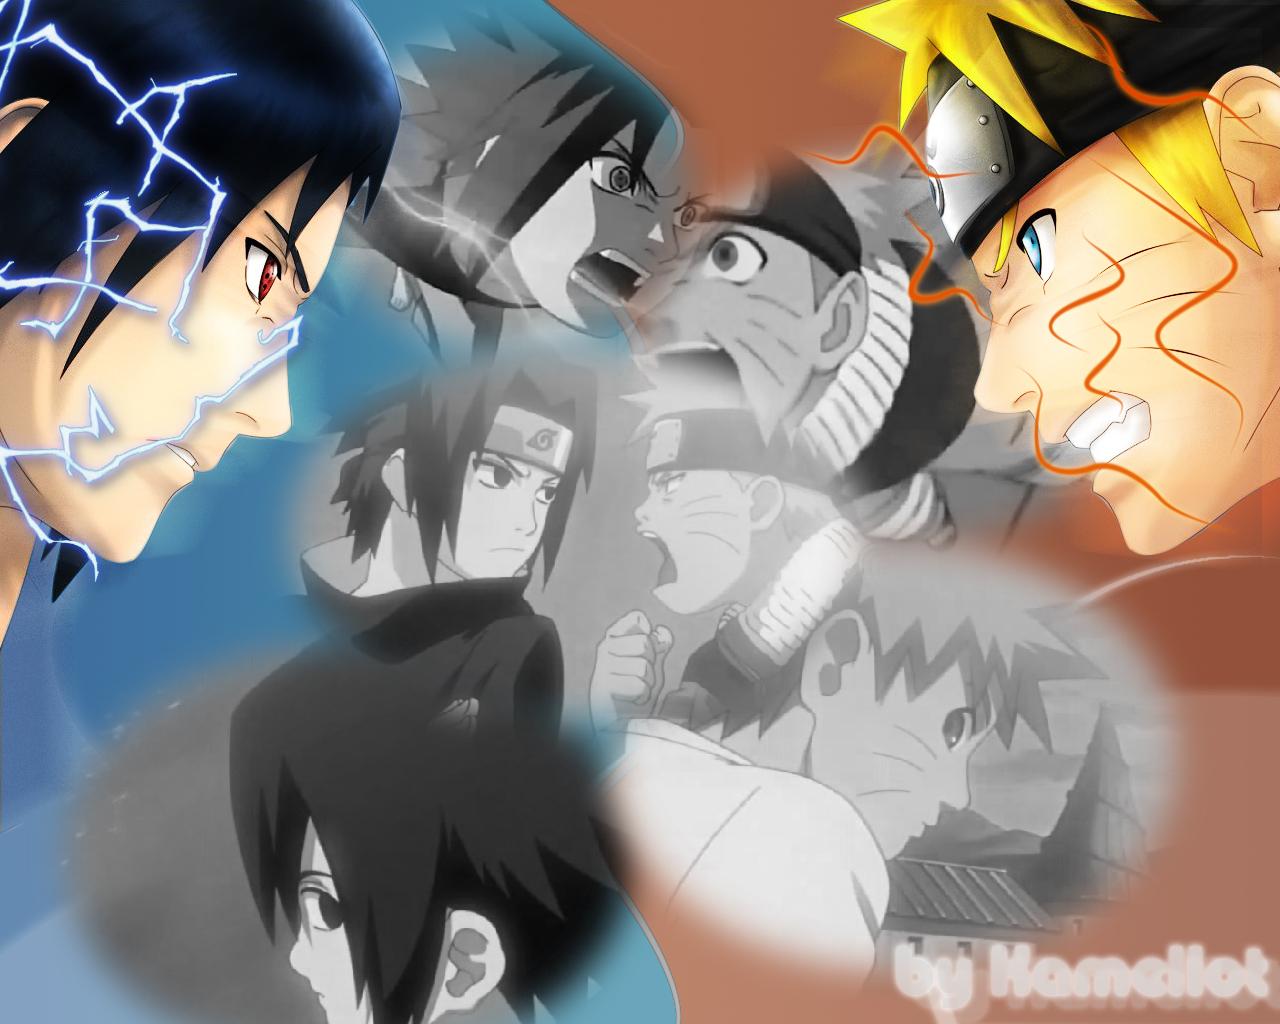 Download Wallpaper Naruto Friend - naruto_sasuke_friend_and_enemy_by_k_a_m_e_l_l_o_t  Best Photo Reference_798941.jpg